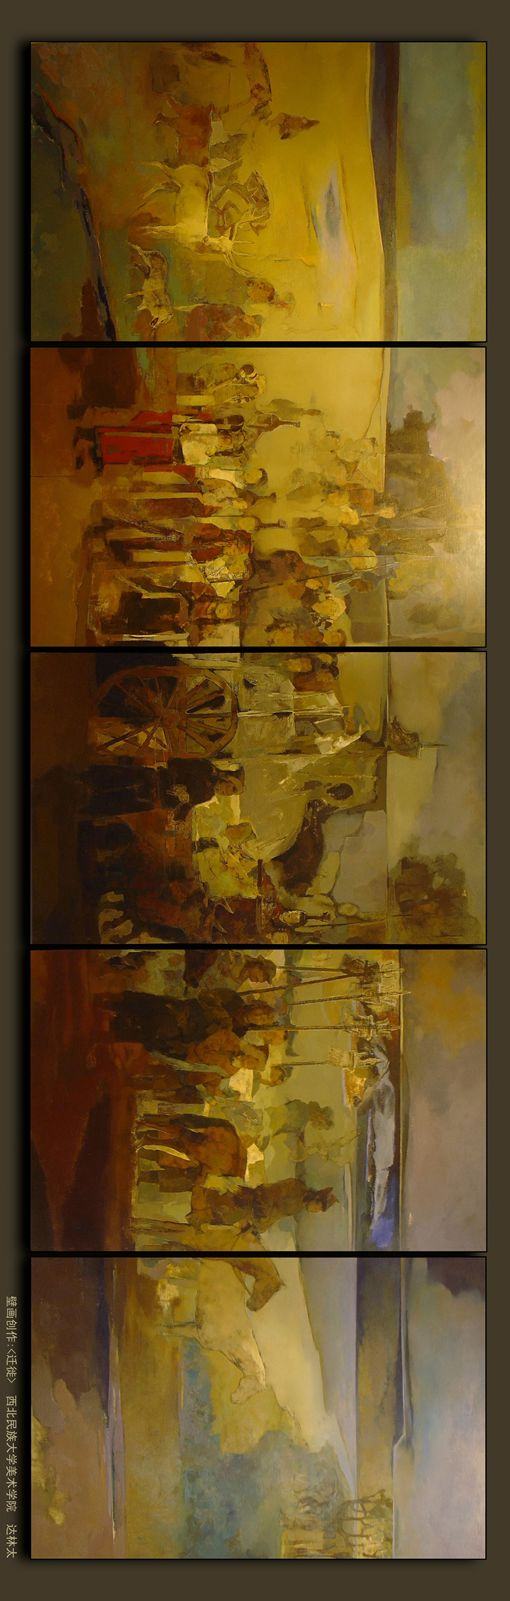 蒙古族画家达林太作品欣赏 第5张